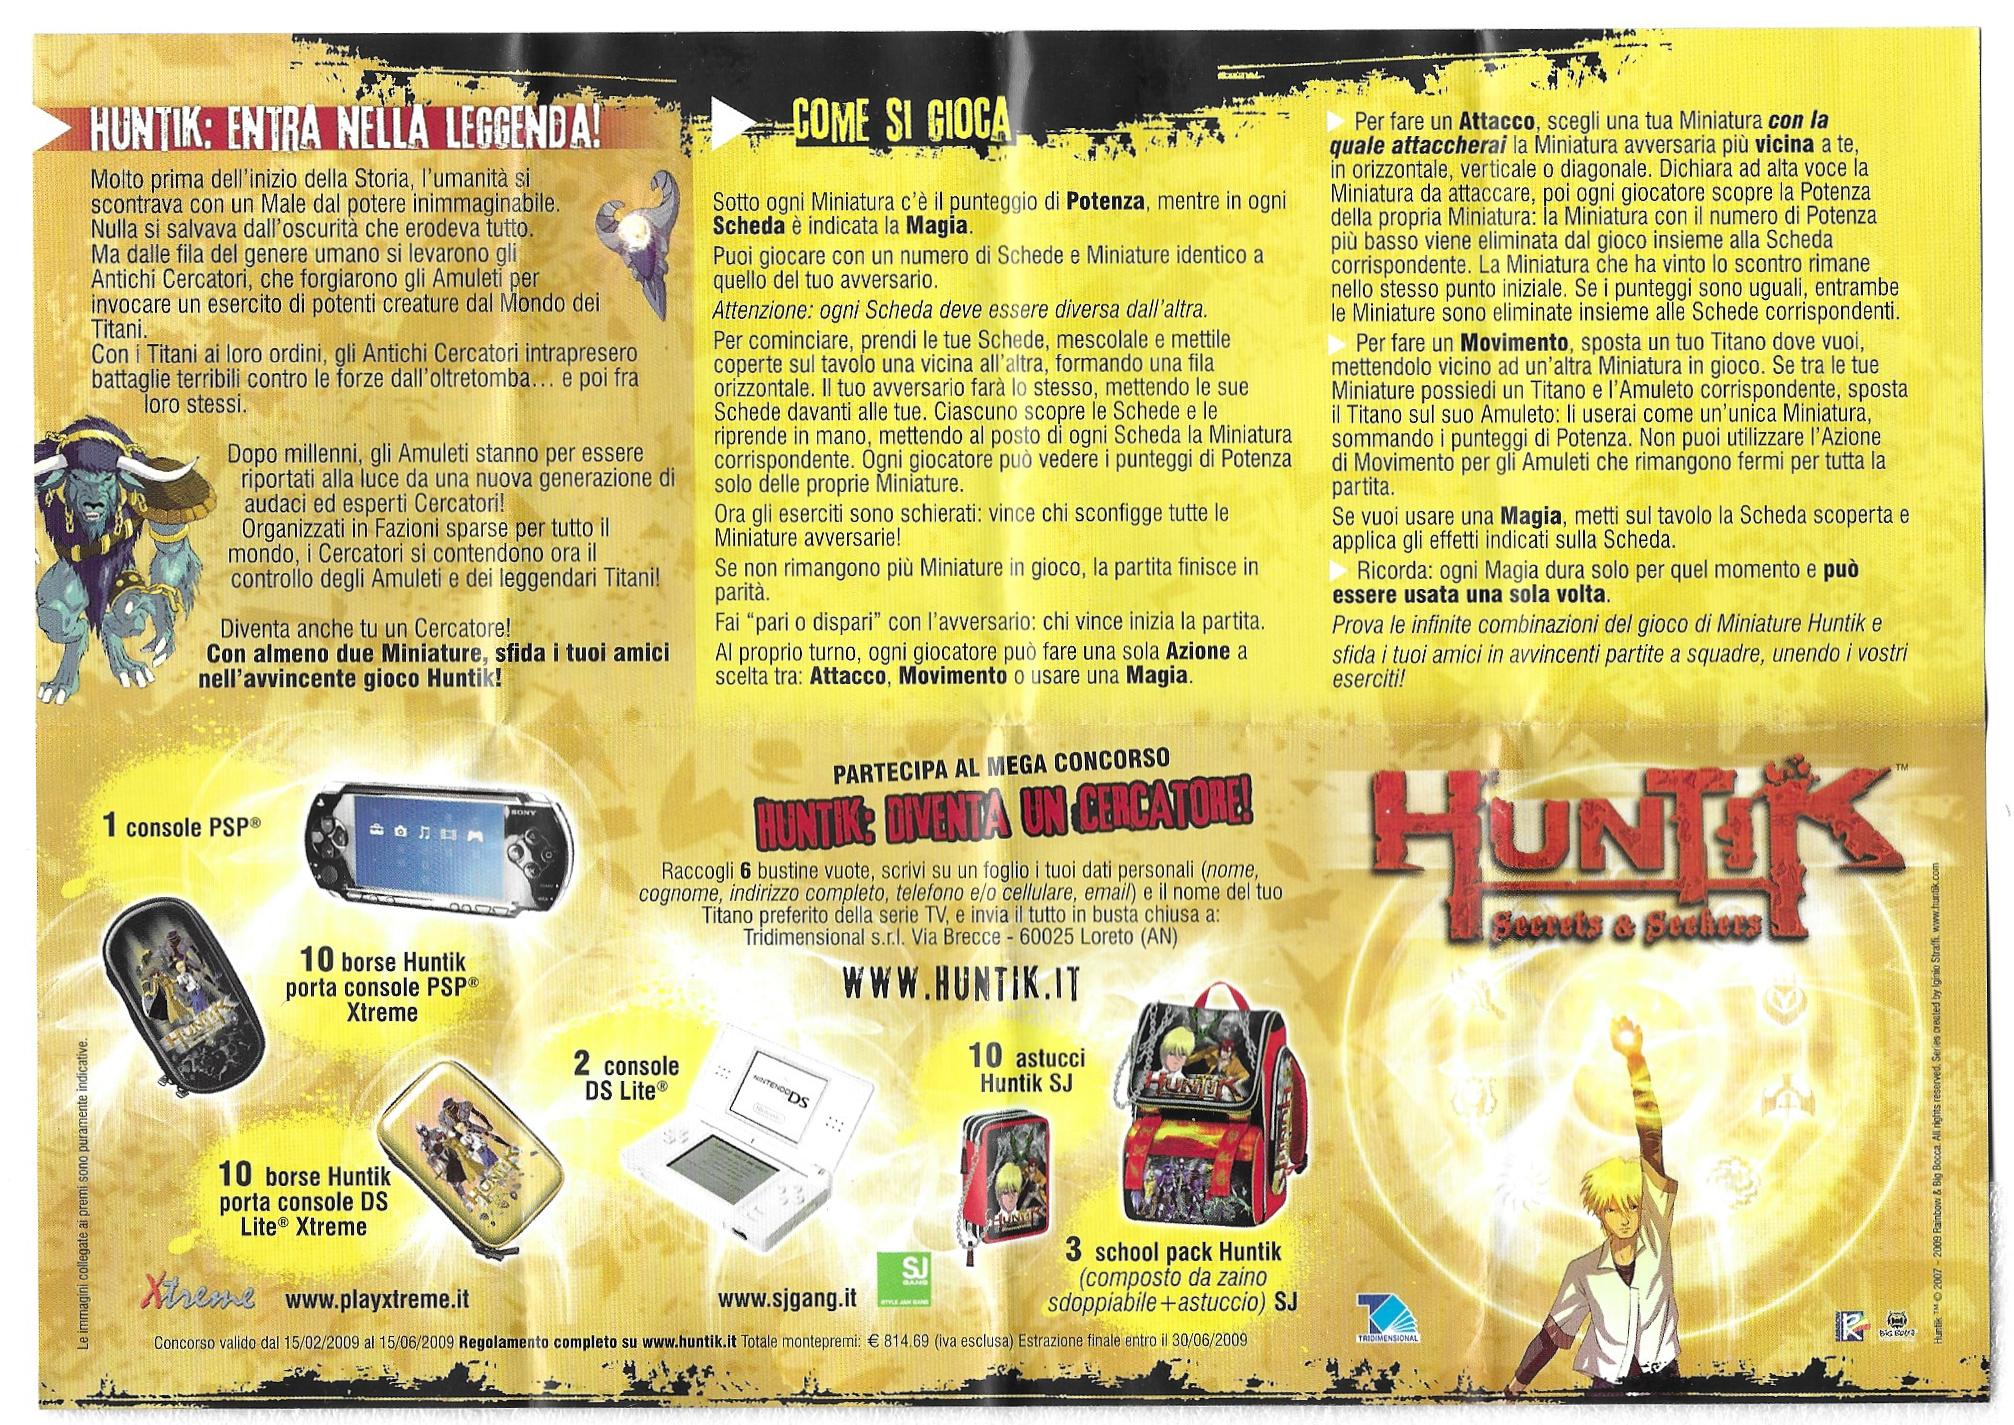 Huntik Panini Sheet S1 Back.png